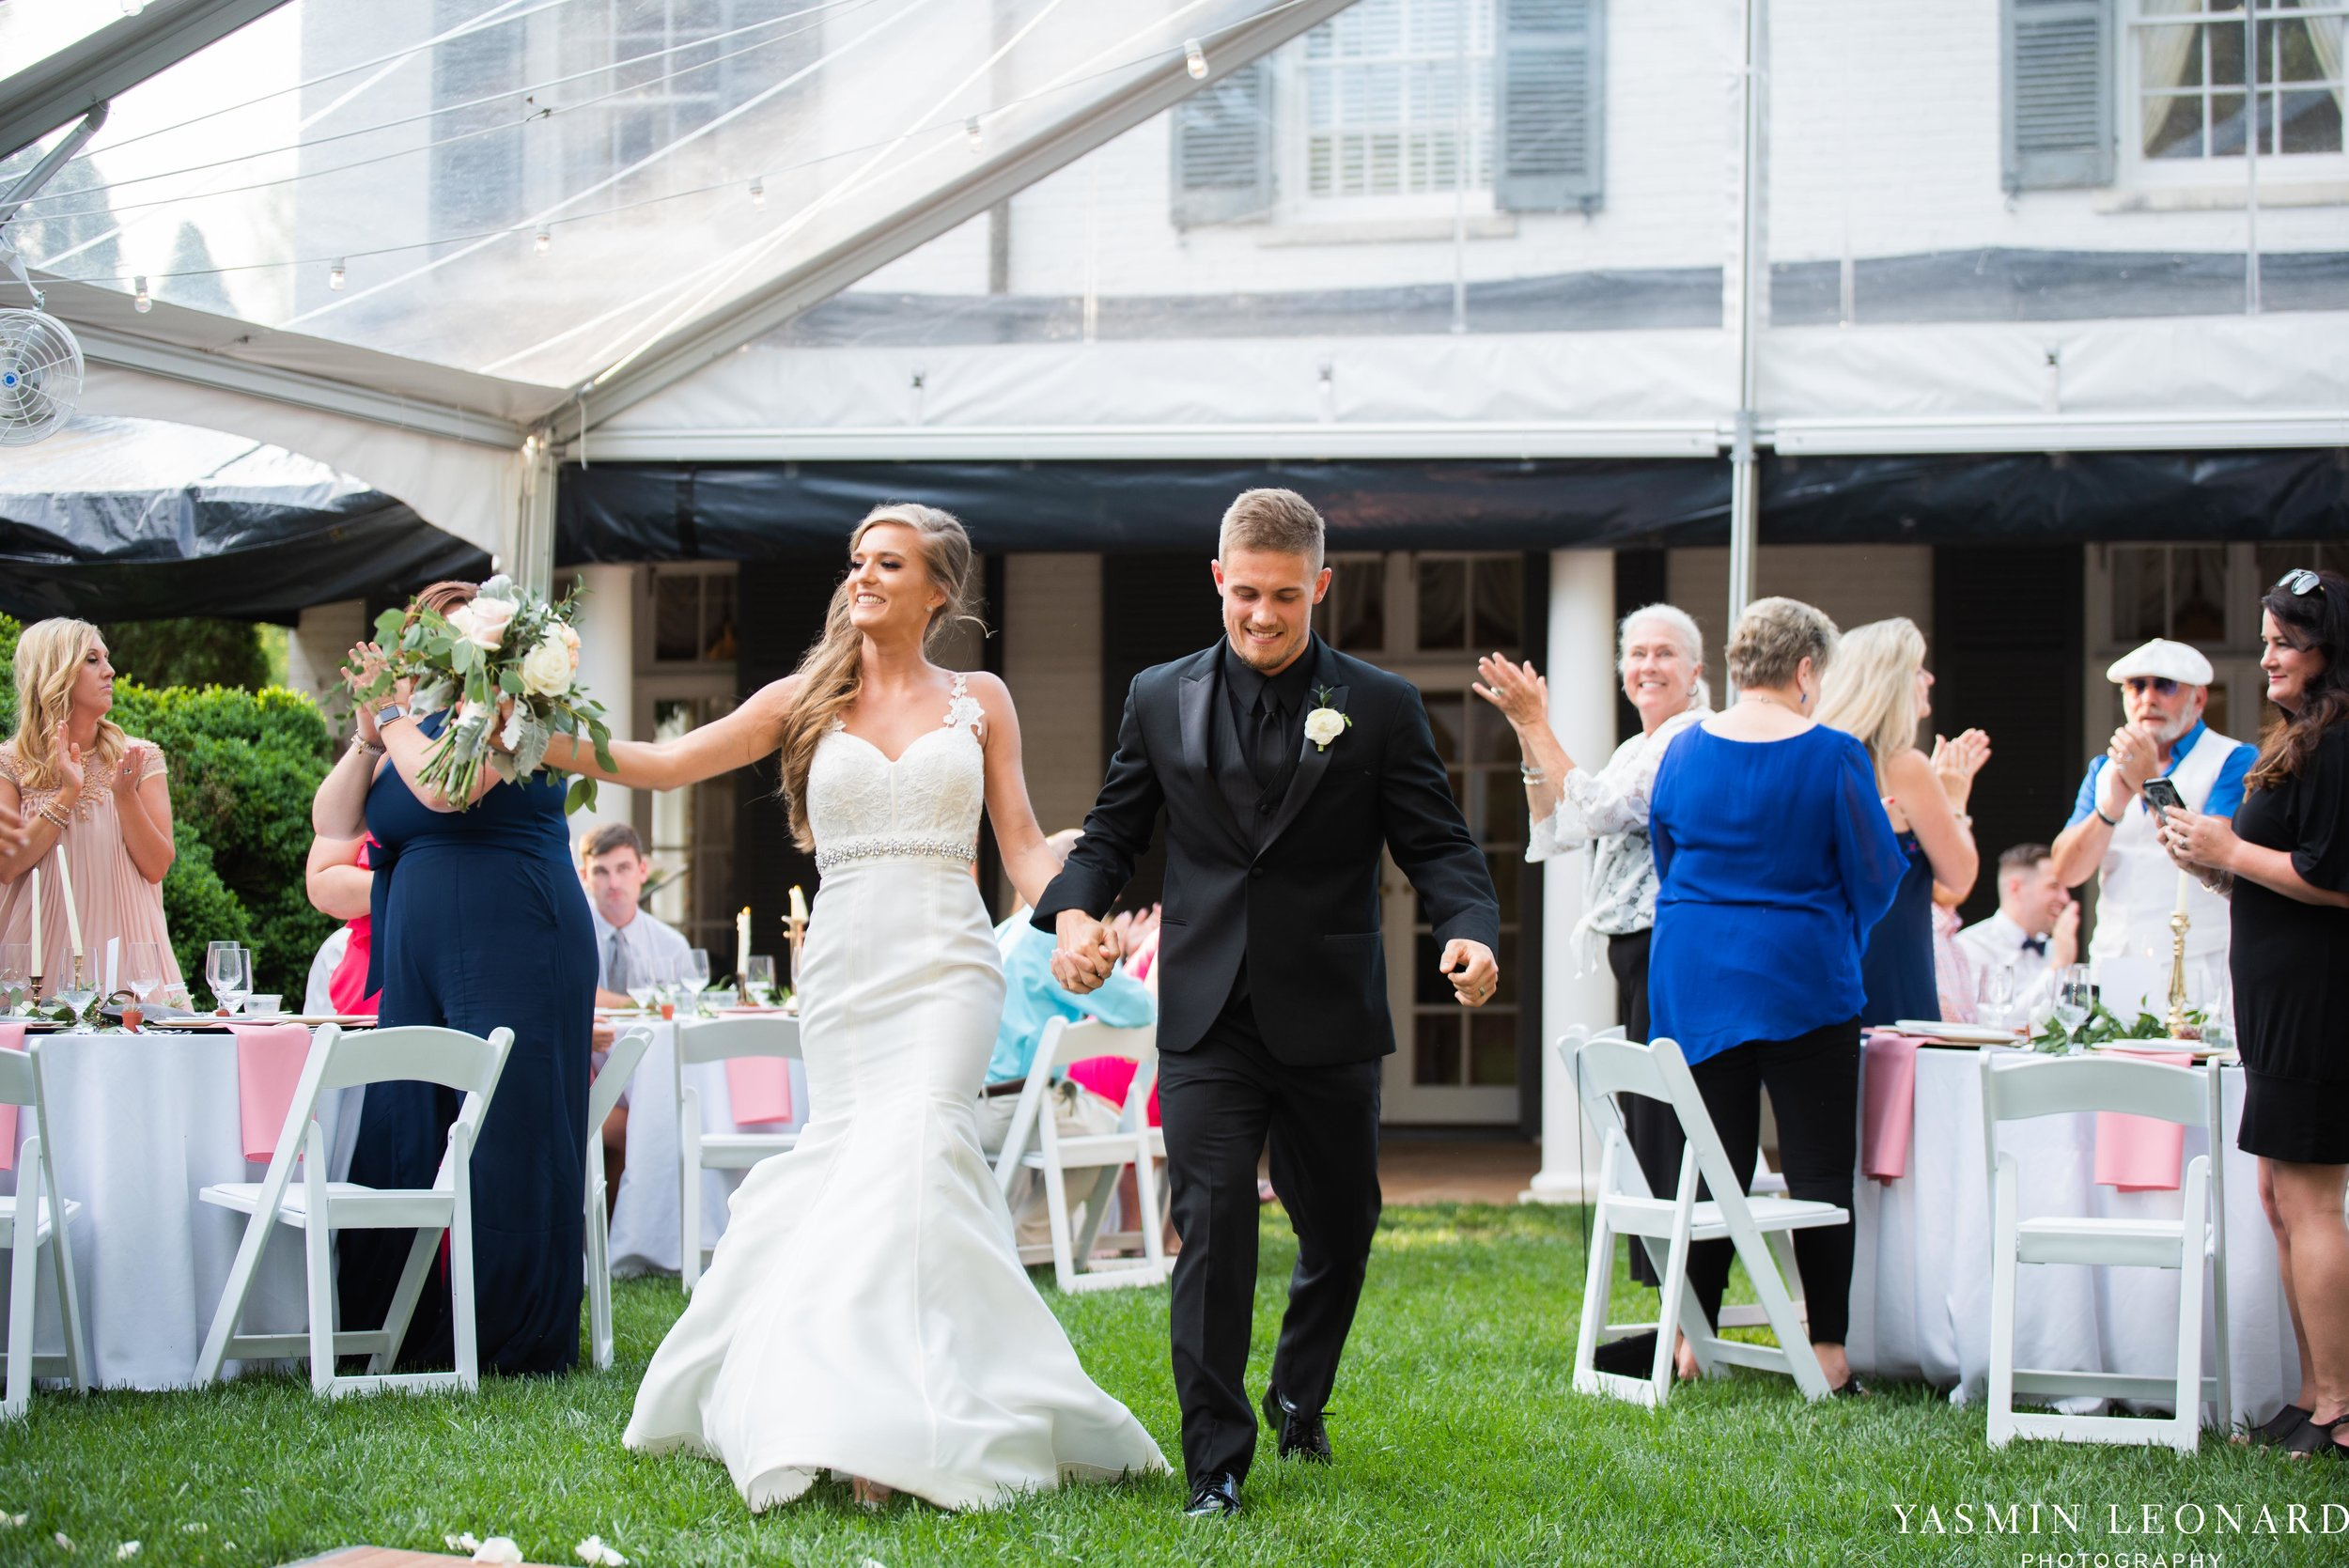 Boxwood Estate - Boxwood Estate Wedding - Luxury Wedding - Black and White Wedding - NC Wedding Venues - NC Weddings - NC Photographer - Lantern Release Grand Exit - Large Wedding Party - Yasmin Leonard Photography-54.jpg